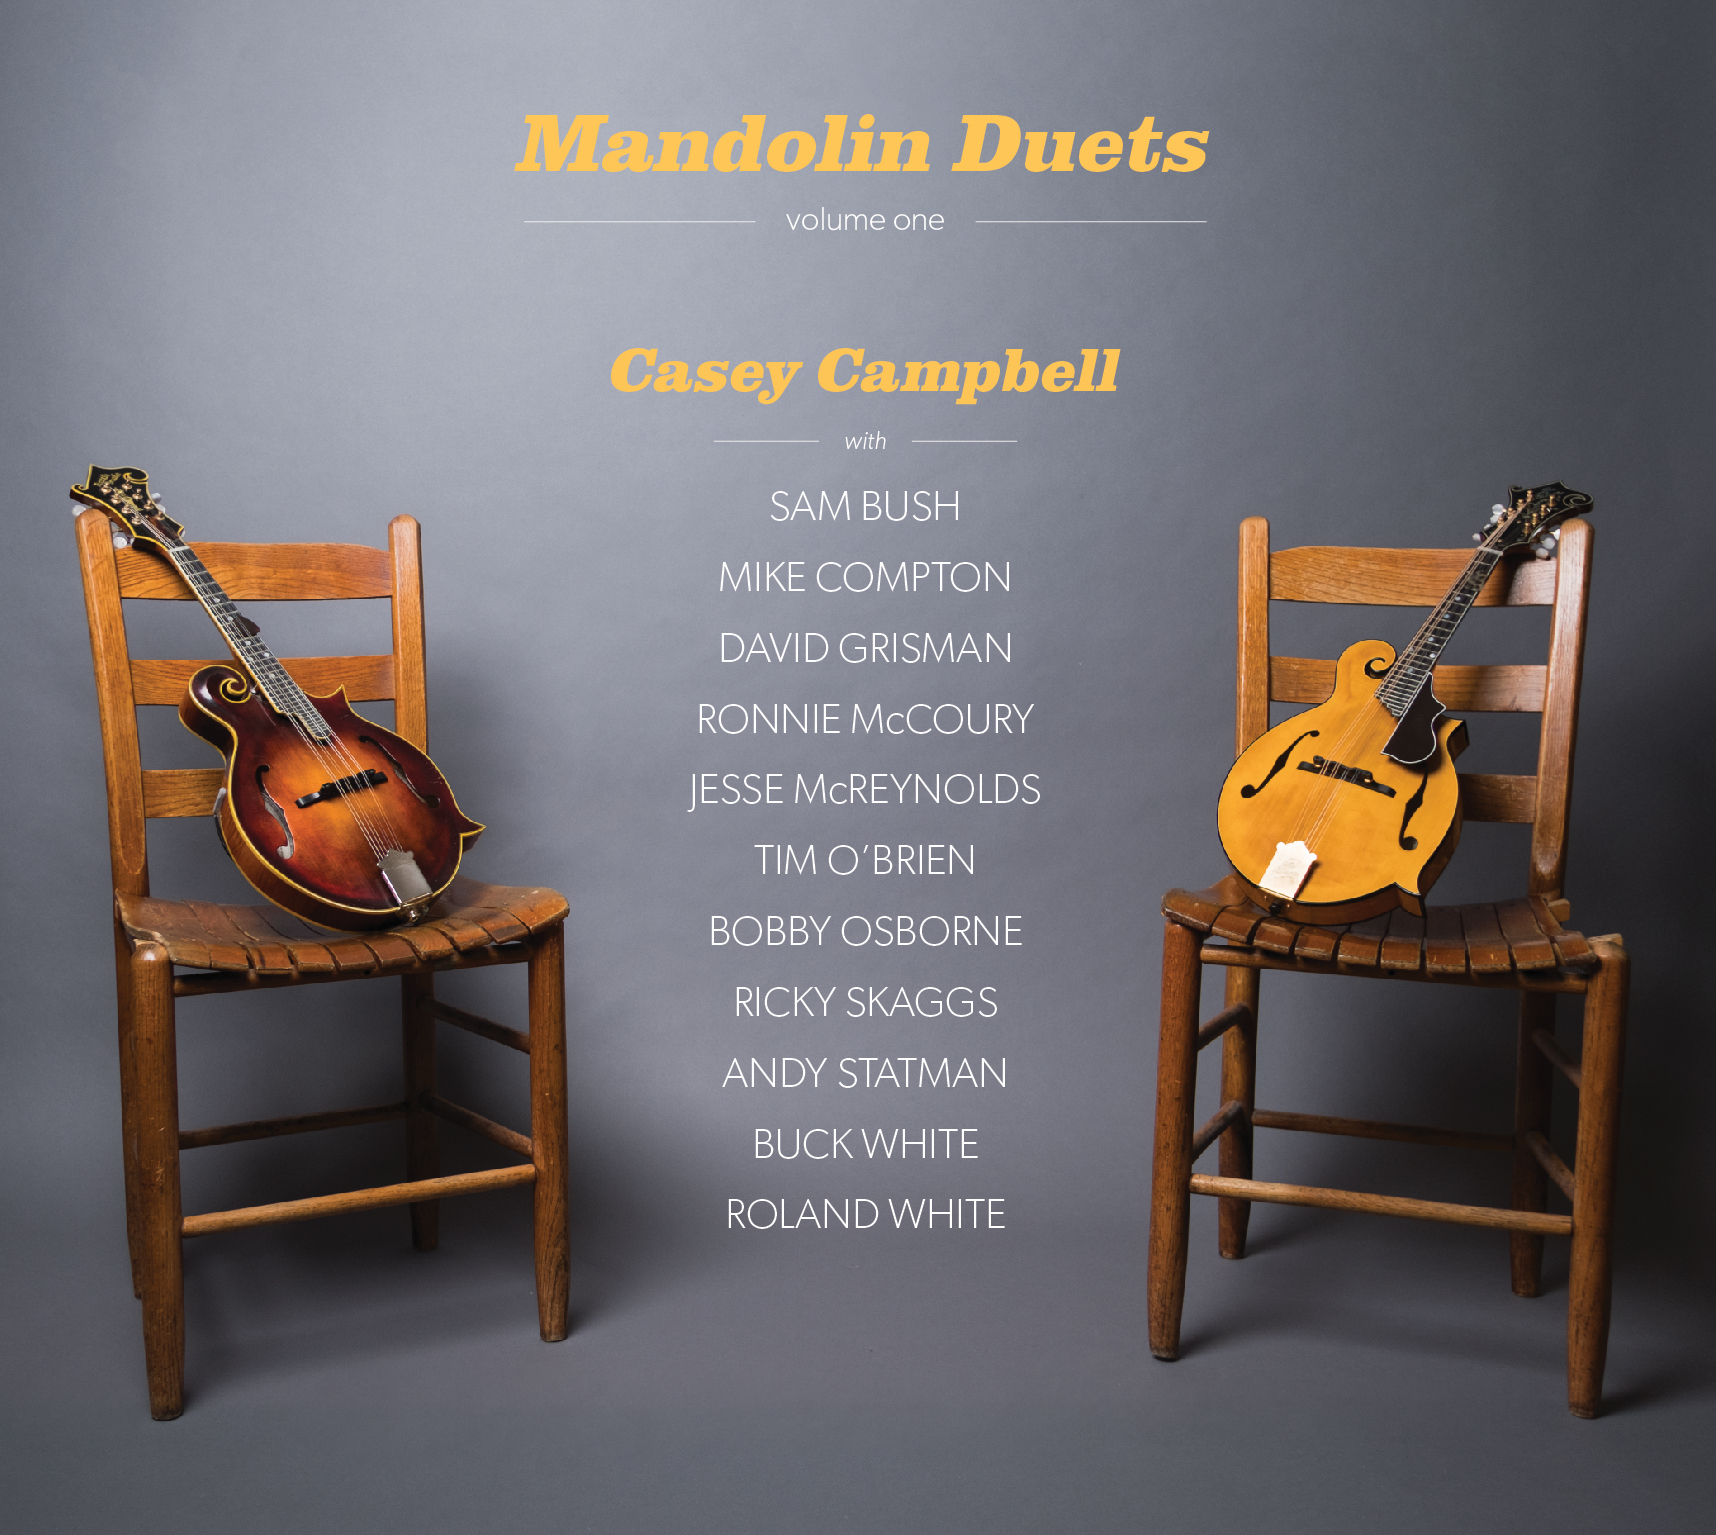 Mandolin Duets